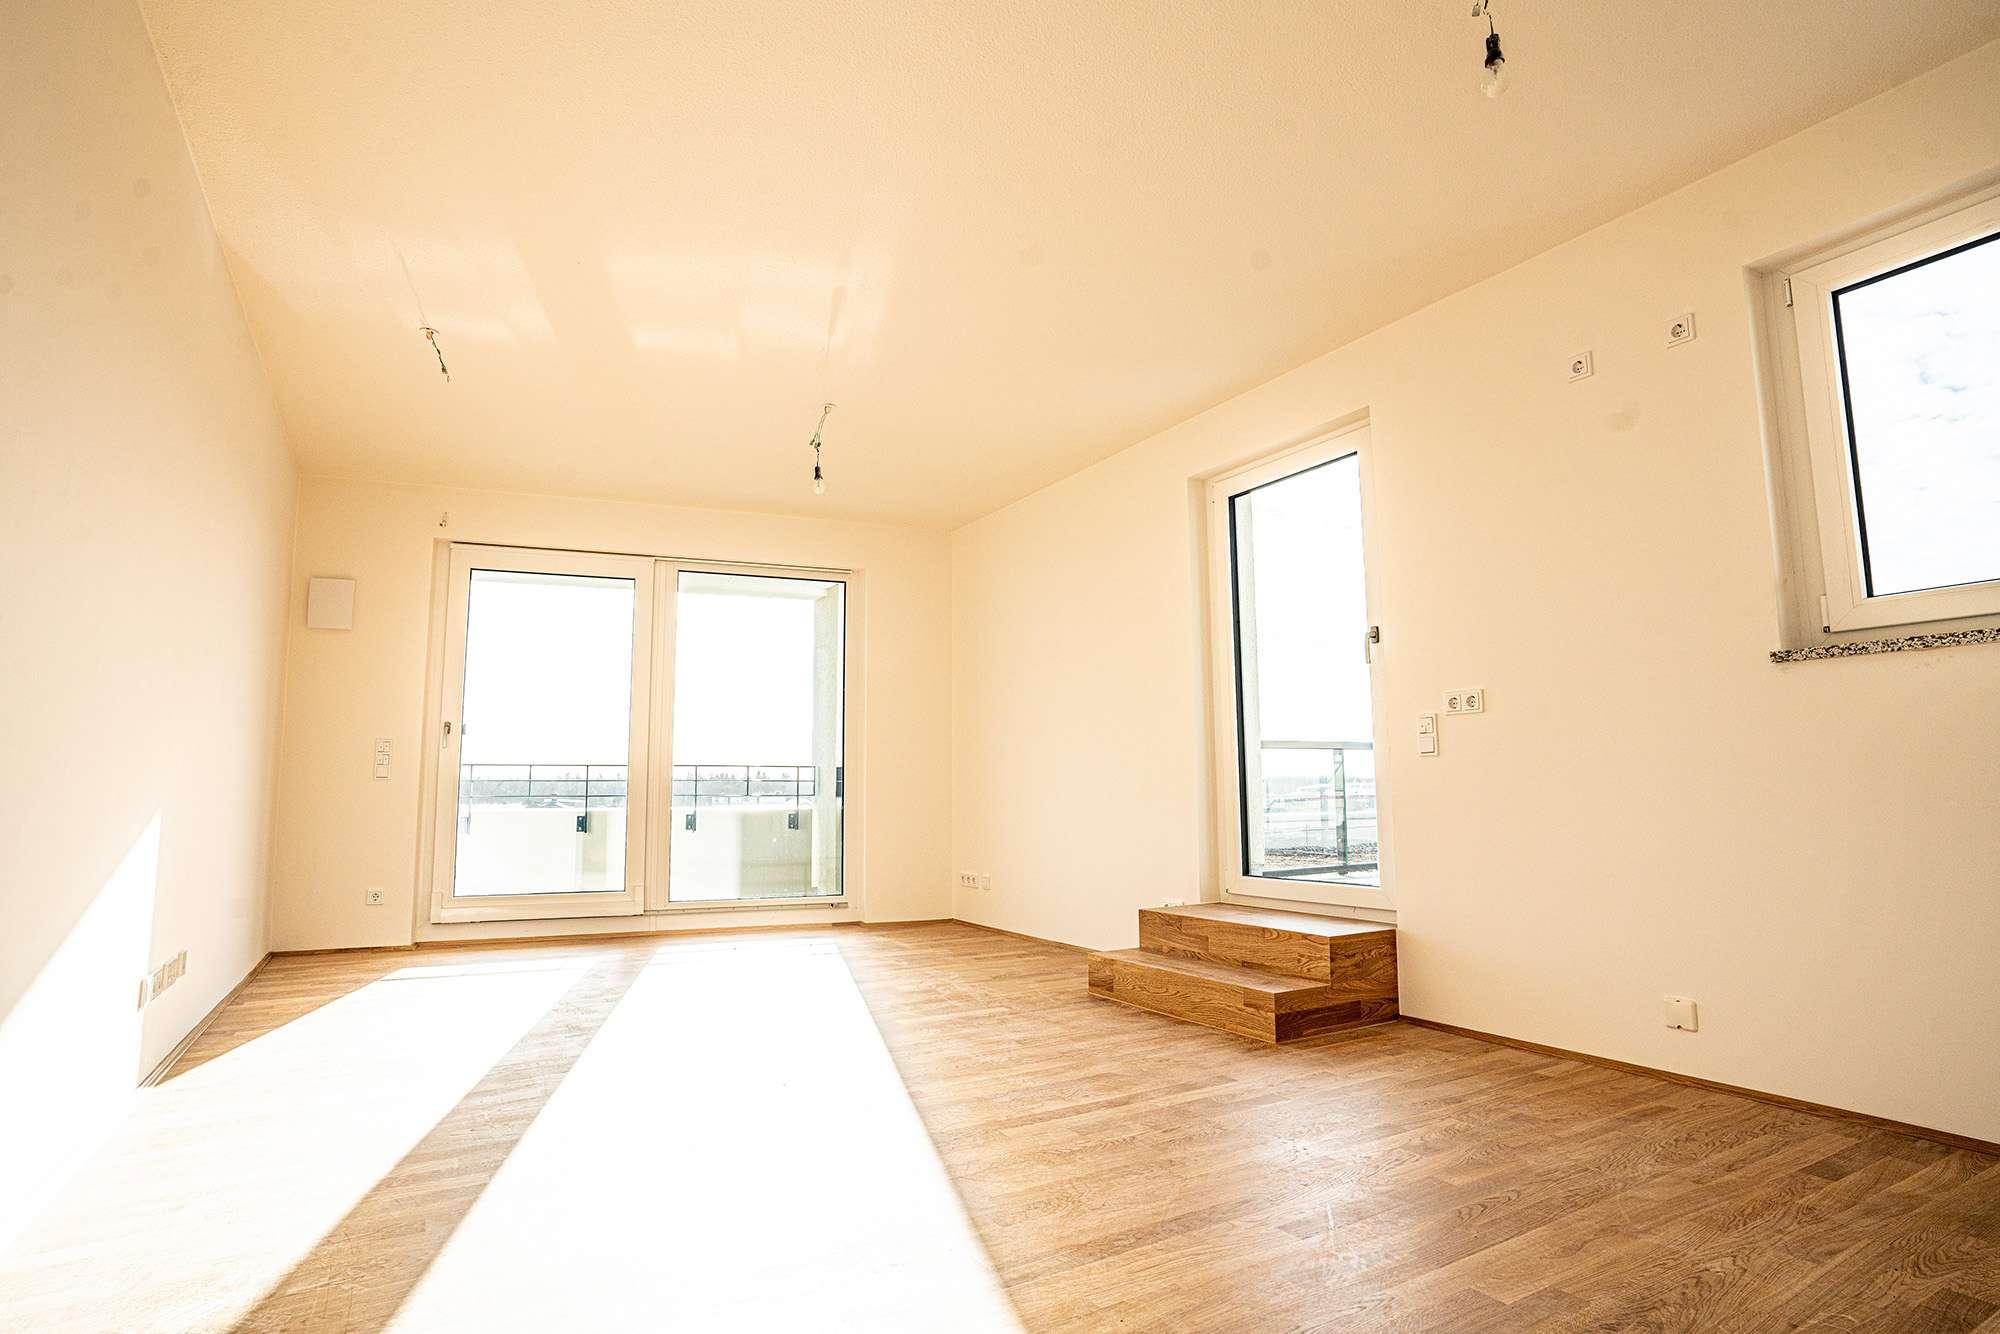 Erstbezug: schöne, helle 2-Zimmer-DG-Wohnung mit Dachterrasse & Loggia (Neuaubing, München) in Aubing (München)